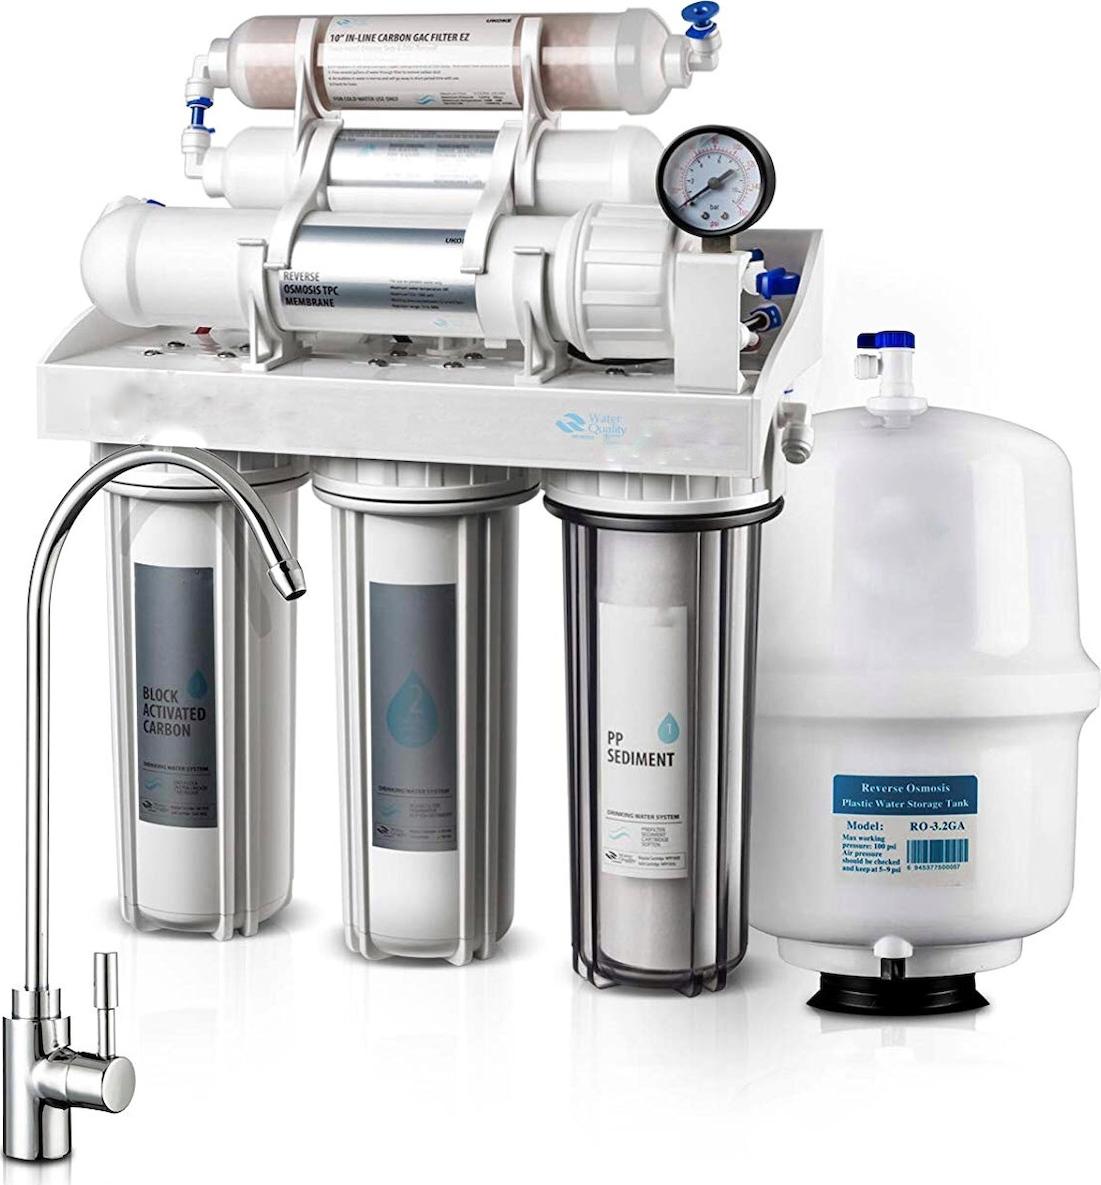 Σύστημα καθαρισμού νερού 6 σταδίων Αντίστροφης Όσμωσης Eiger RO ECO 6